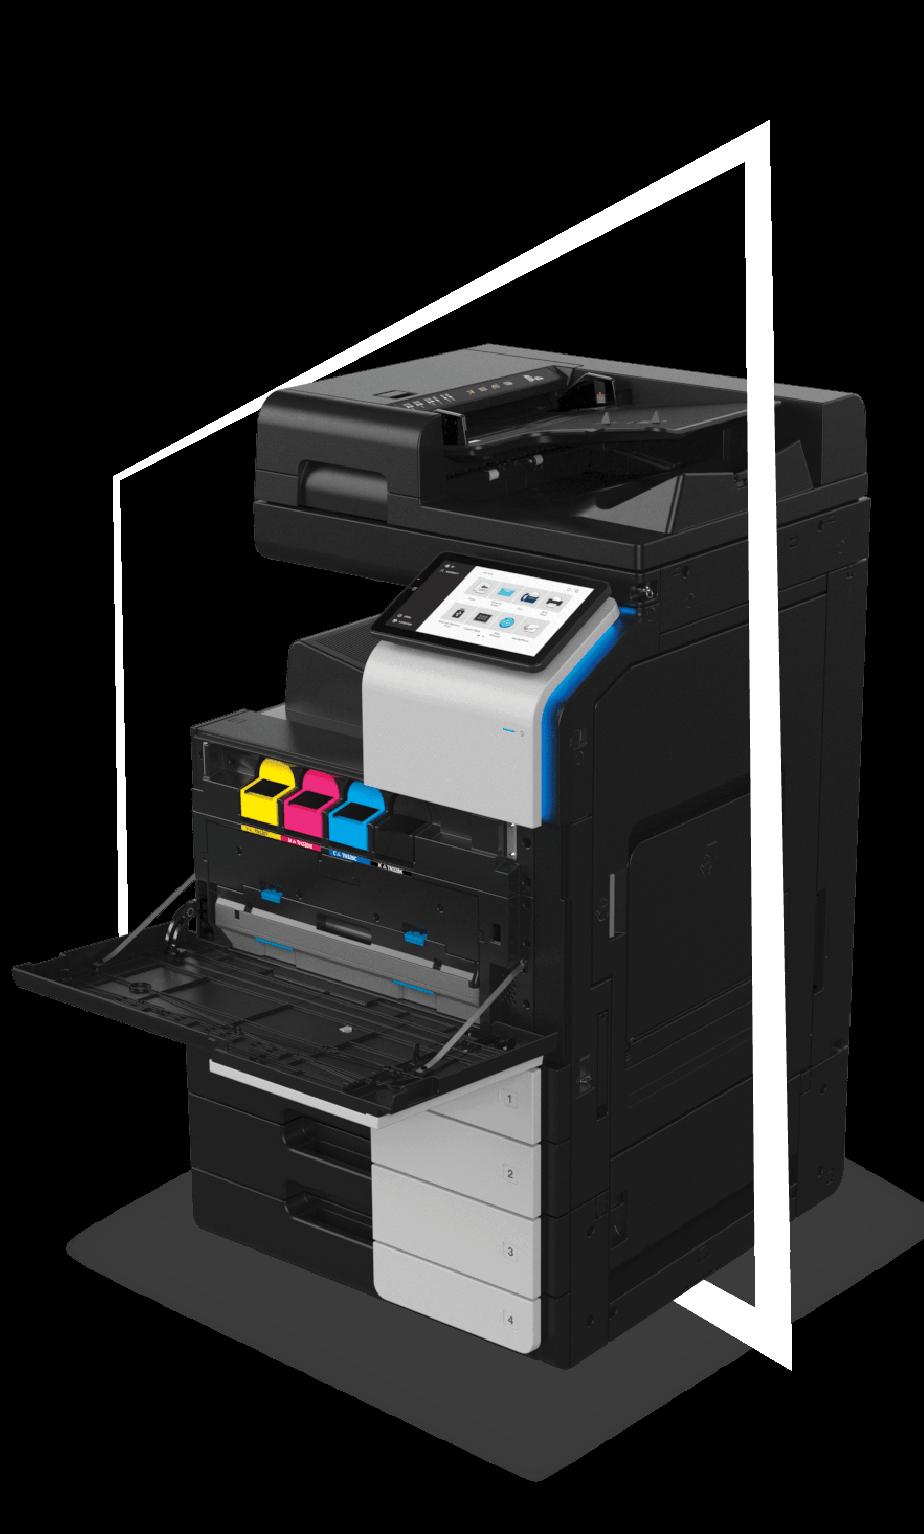 multifunctinon printer bizhub i-series